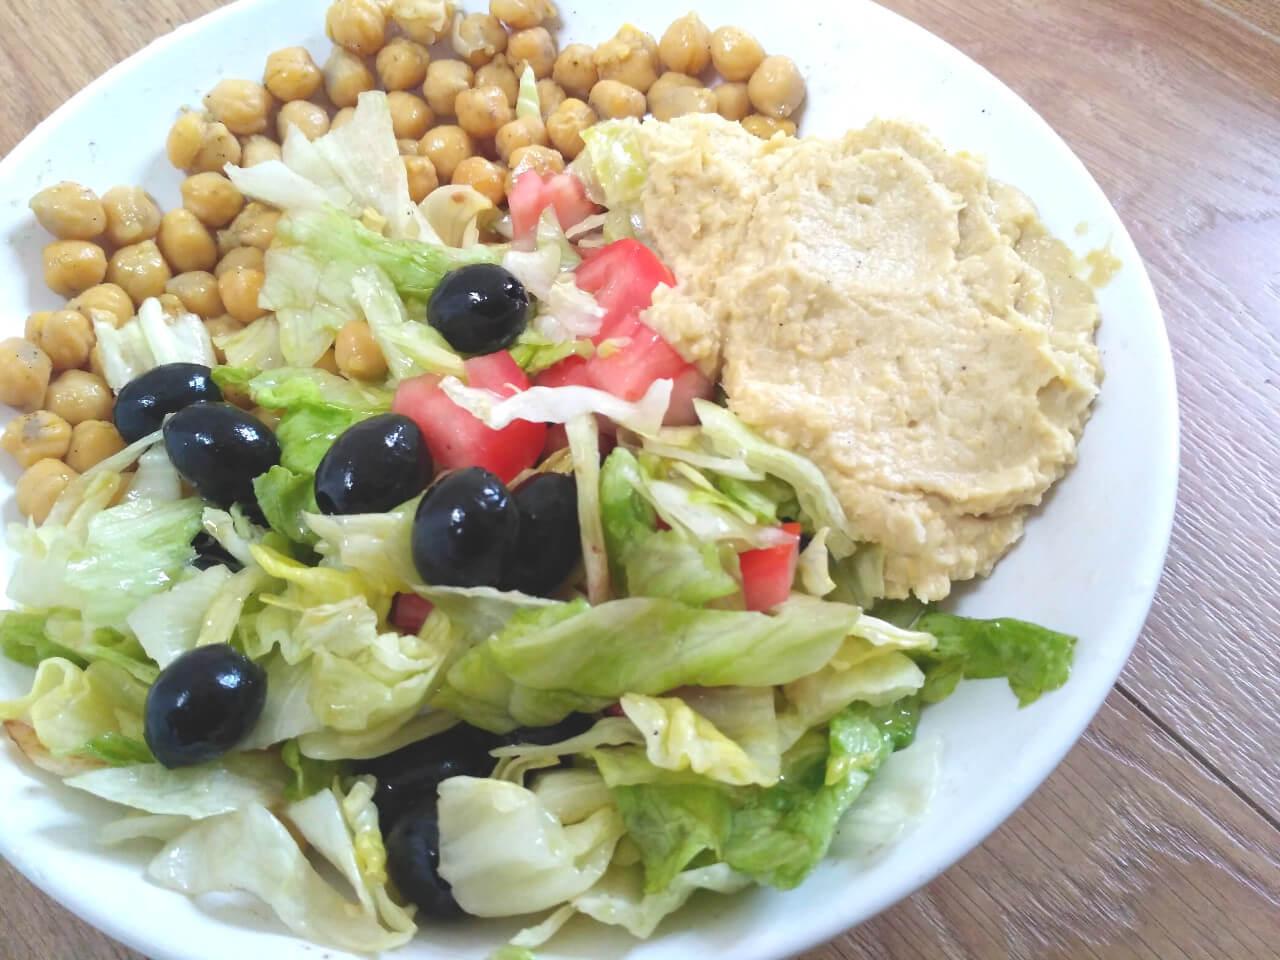 Cícerovo-olivový ľadový šalát + paradajky, hummus, avokádo